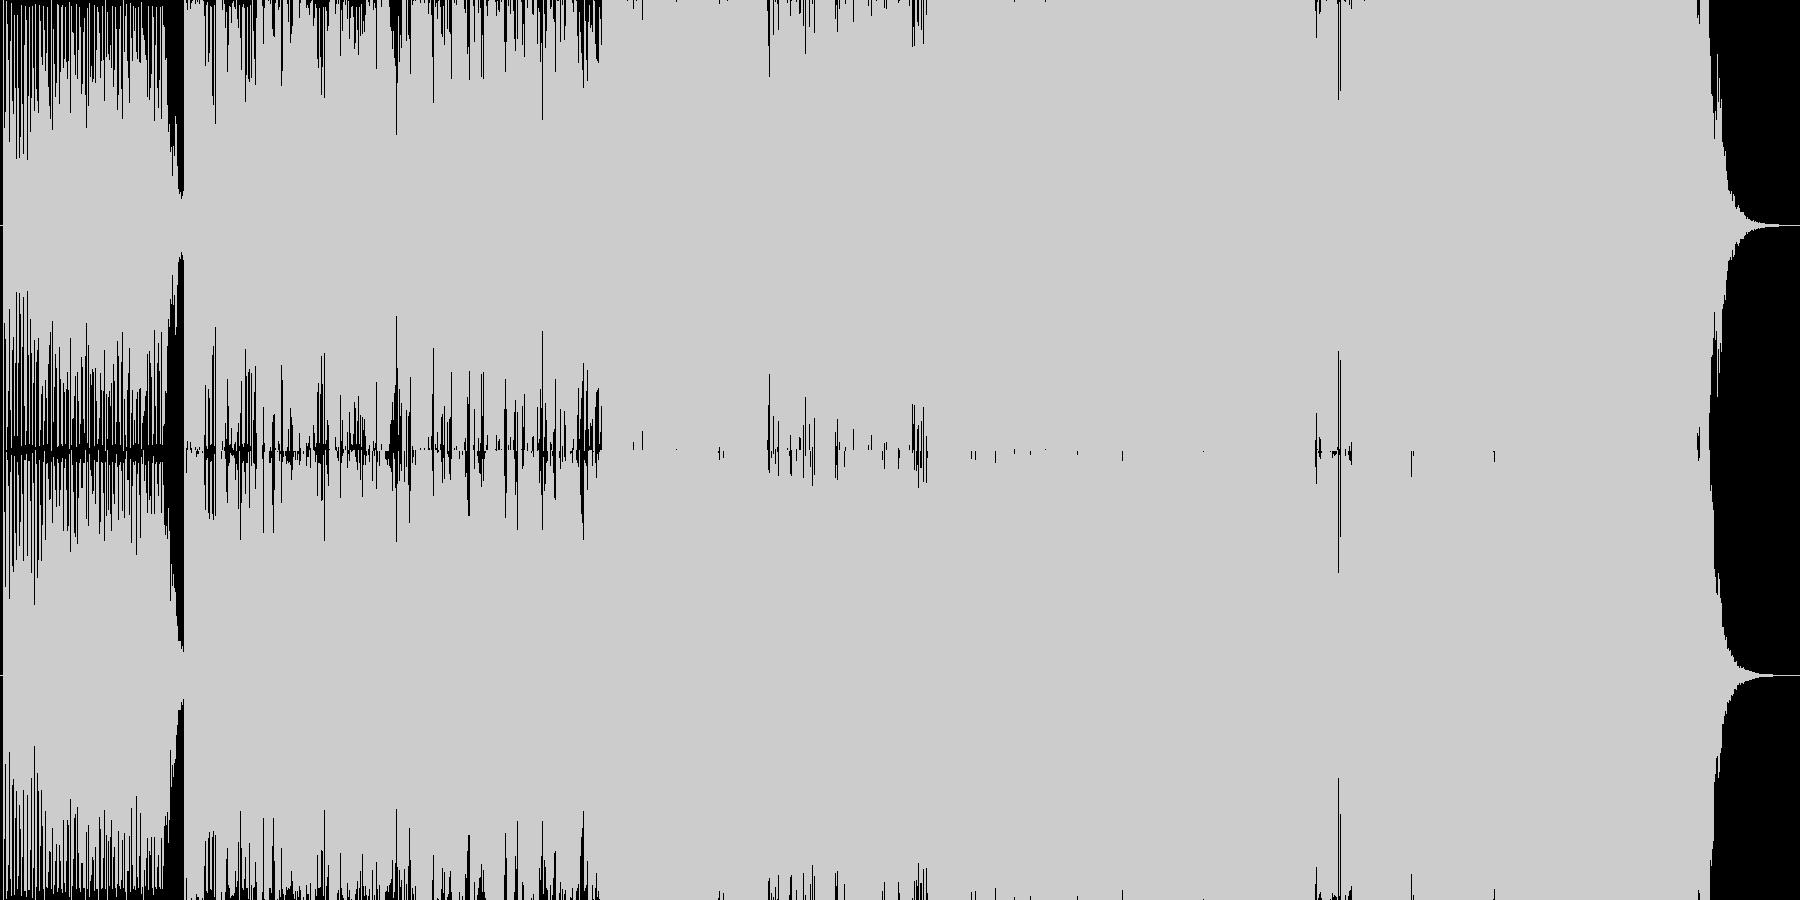 シュールな歌詞の本格的ピアノバラードの未再生の波形